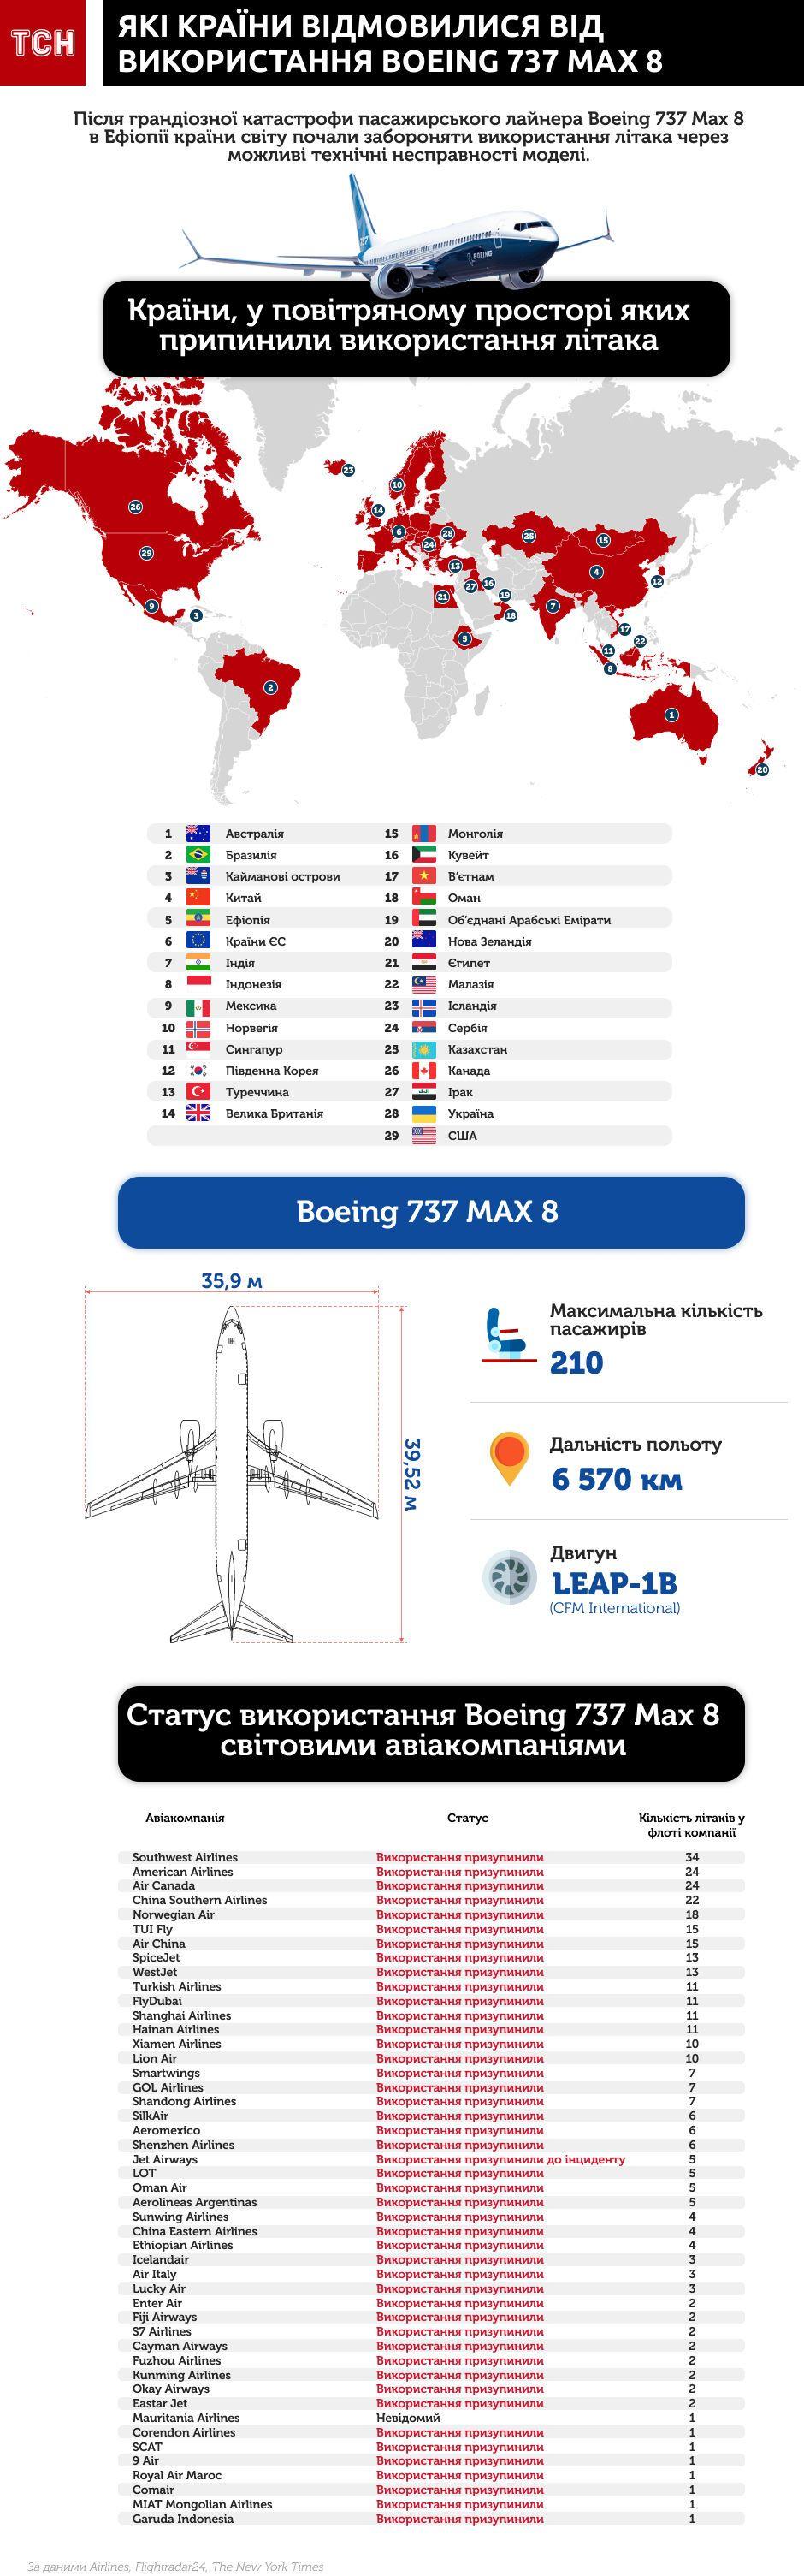 Як країни відмовилися від використання Boeing 737 інфографіка оновлена 4